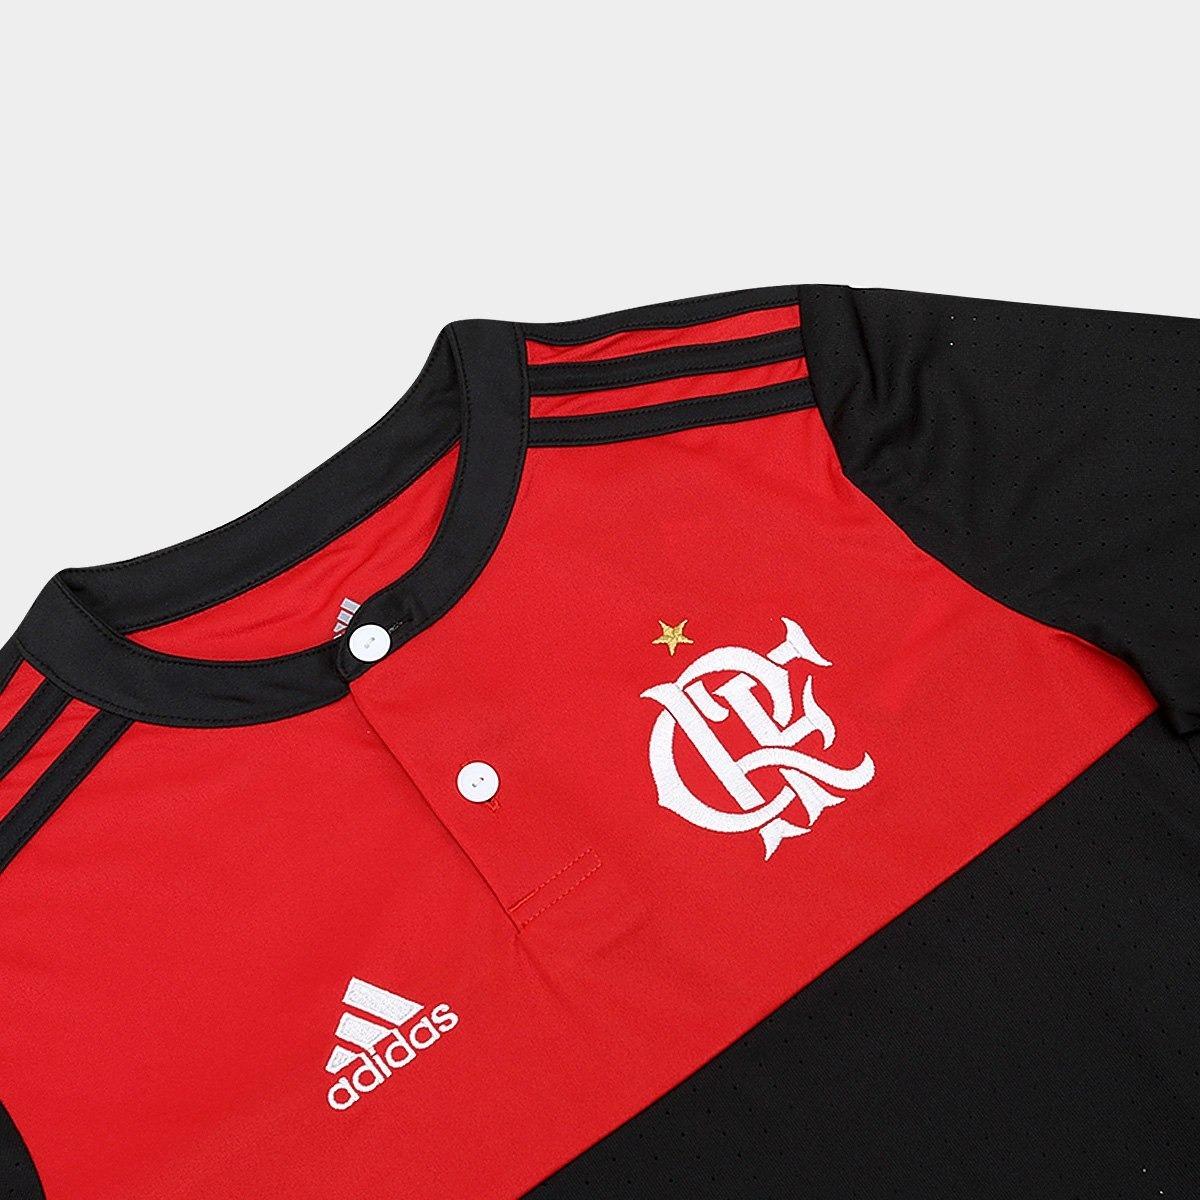 b21f9610f0 camisa flamengo infantil i 17 18 s nº torcedor adidas. Carregando zoom.